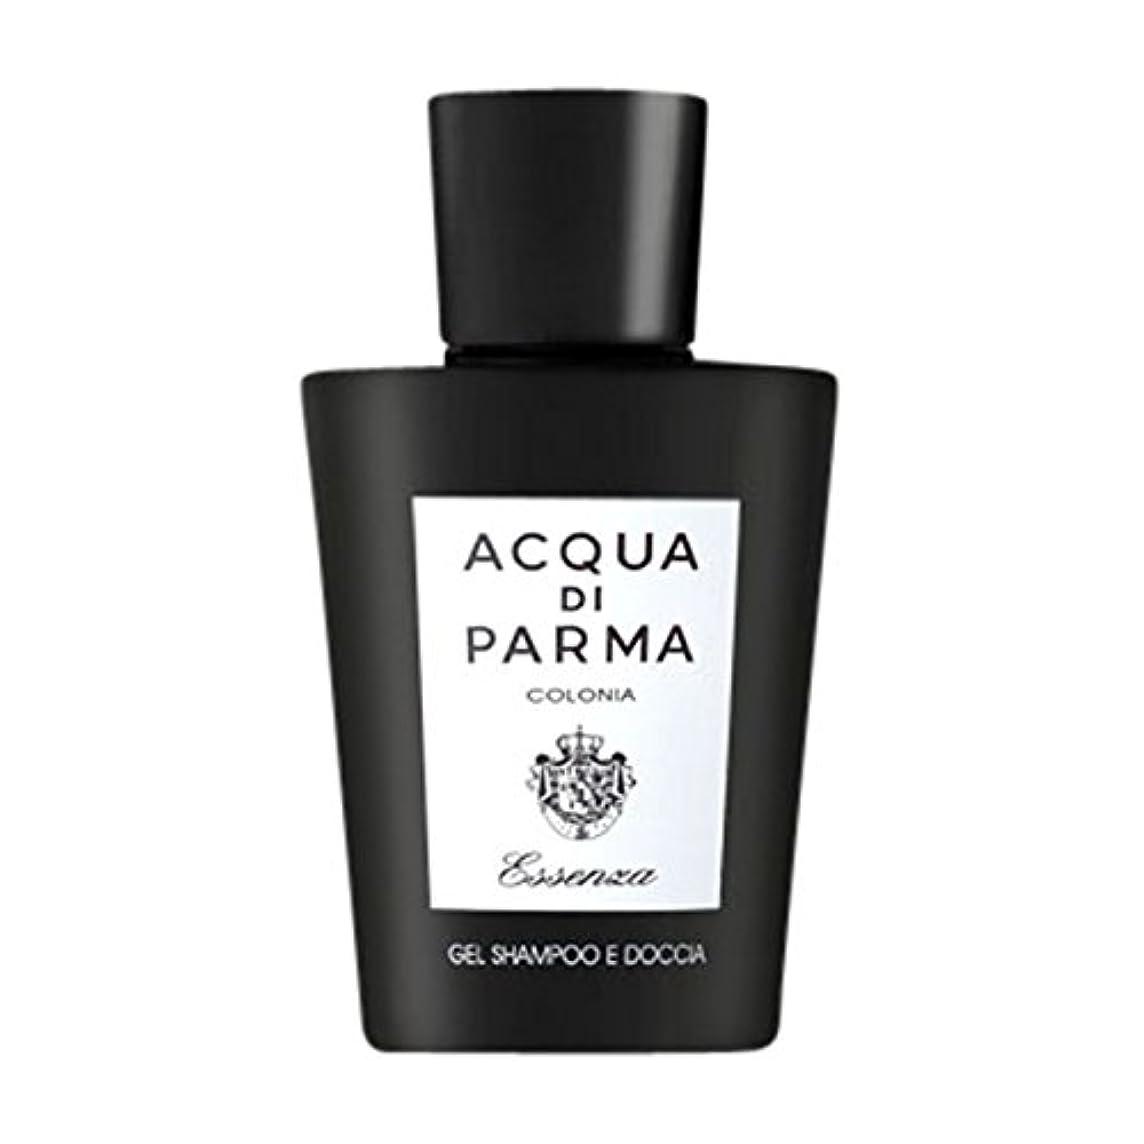 ディレクトリ物質シーケンスアクアディパルマコロニアEssenza髪とシャワージェル200ミリリットル (Acqua di Parma) (x6) - Acqua di Parma Colonia Essenza Hair and Shower Gel 200ml (Pack of 6) [並行輸入品]